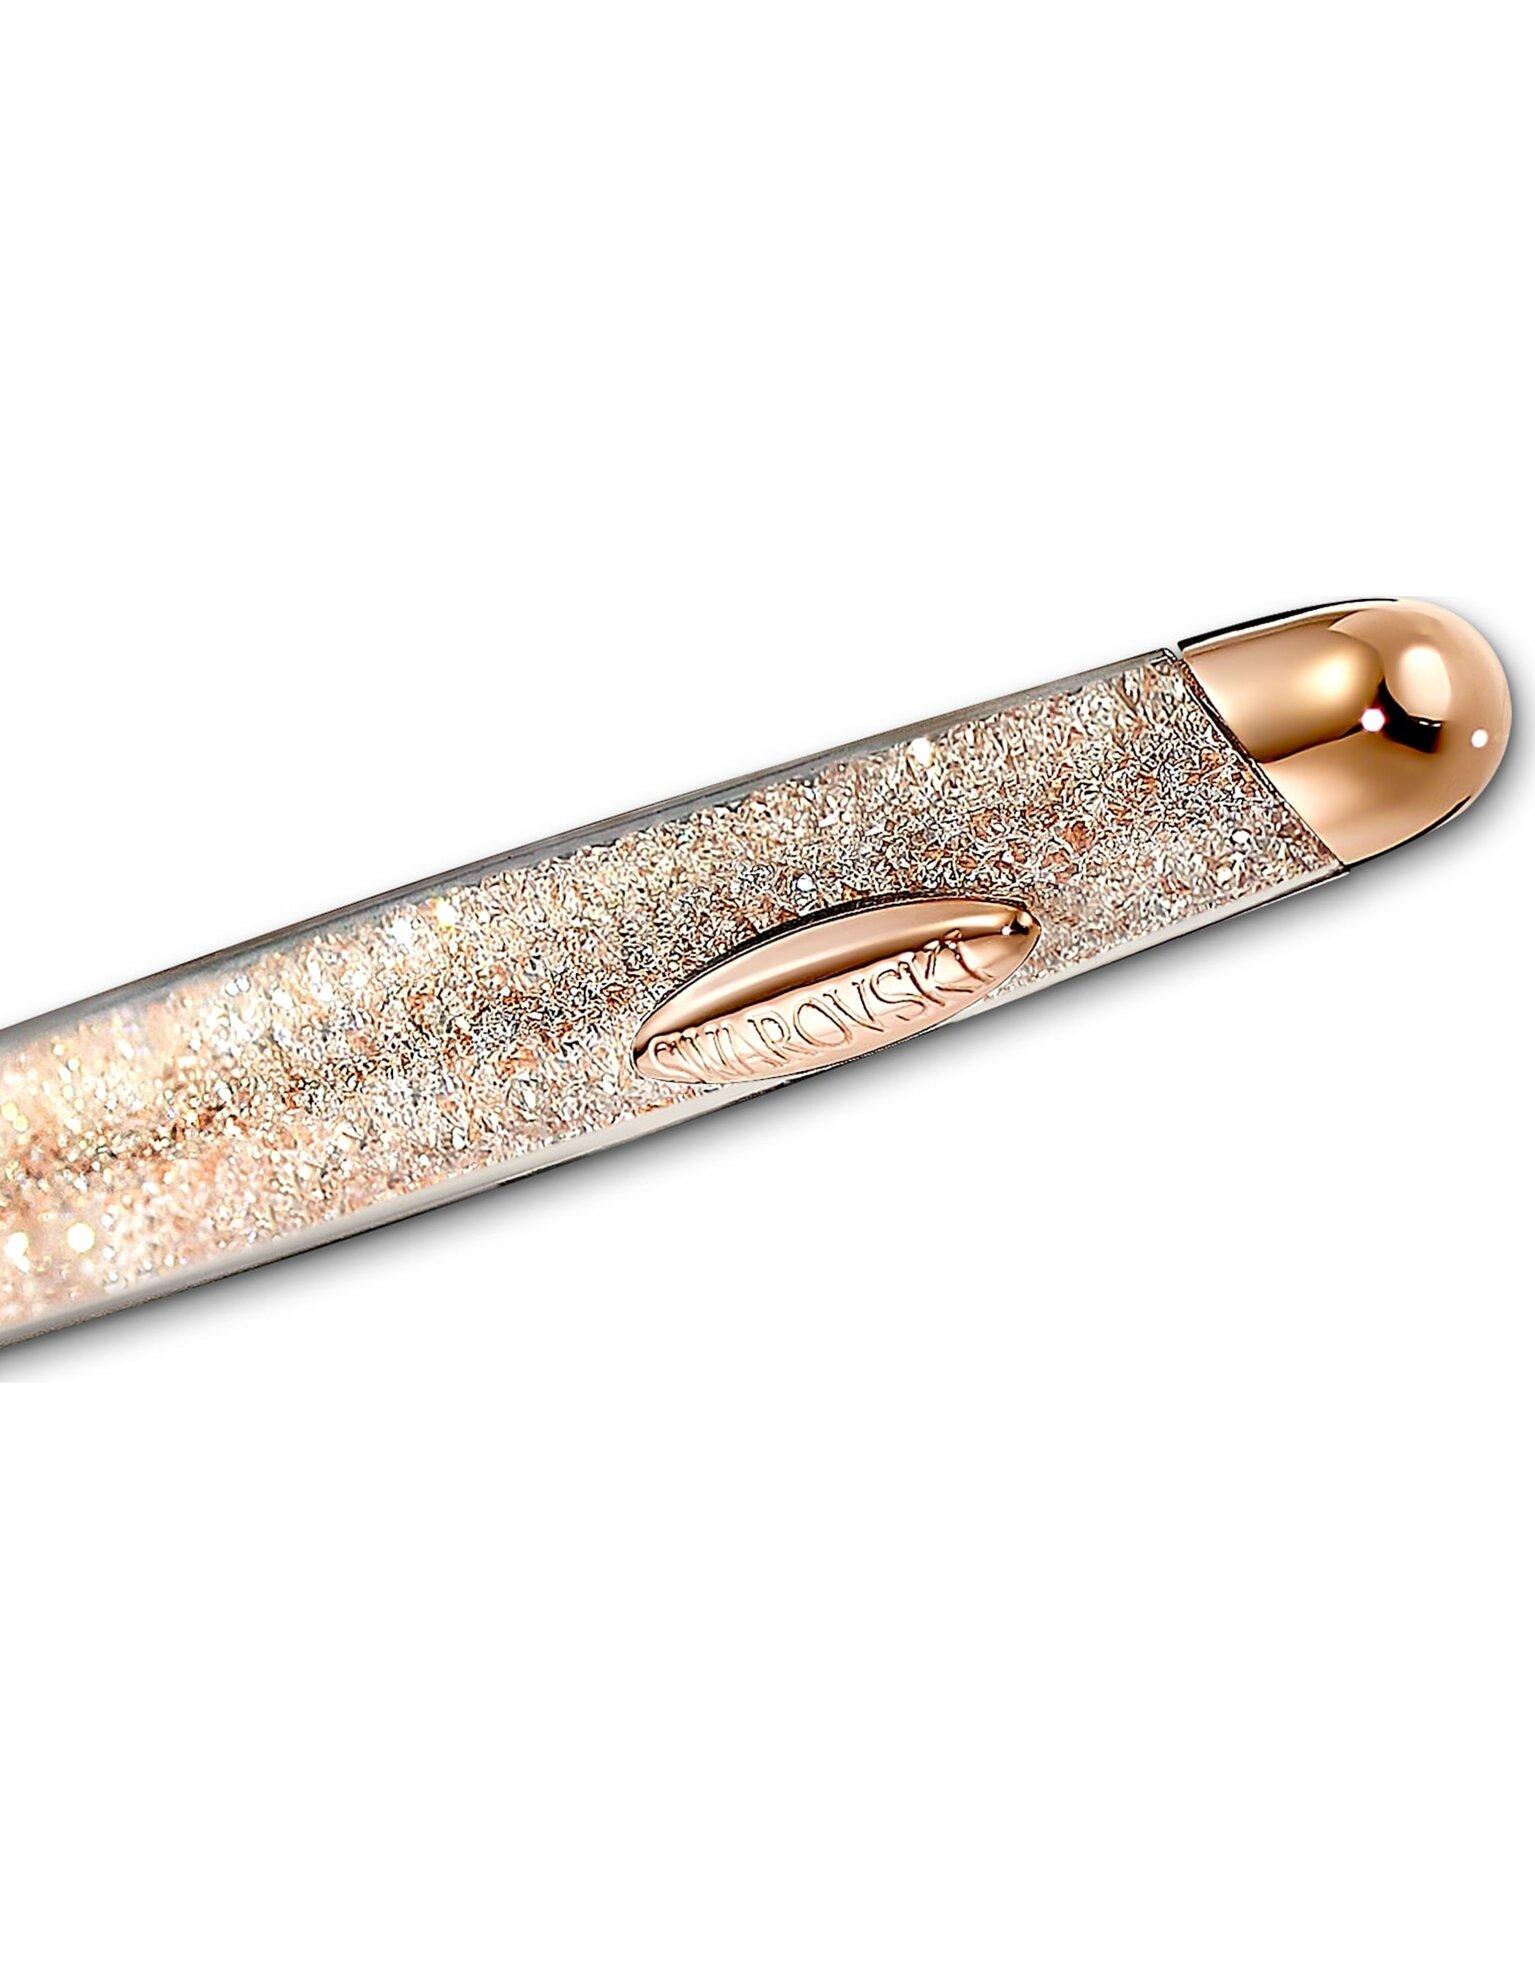 Picture of Crystalline Nova Tükenmez Kalem, Altın Rengi, Pembe altın rengi kaplama